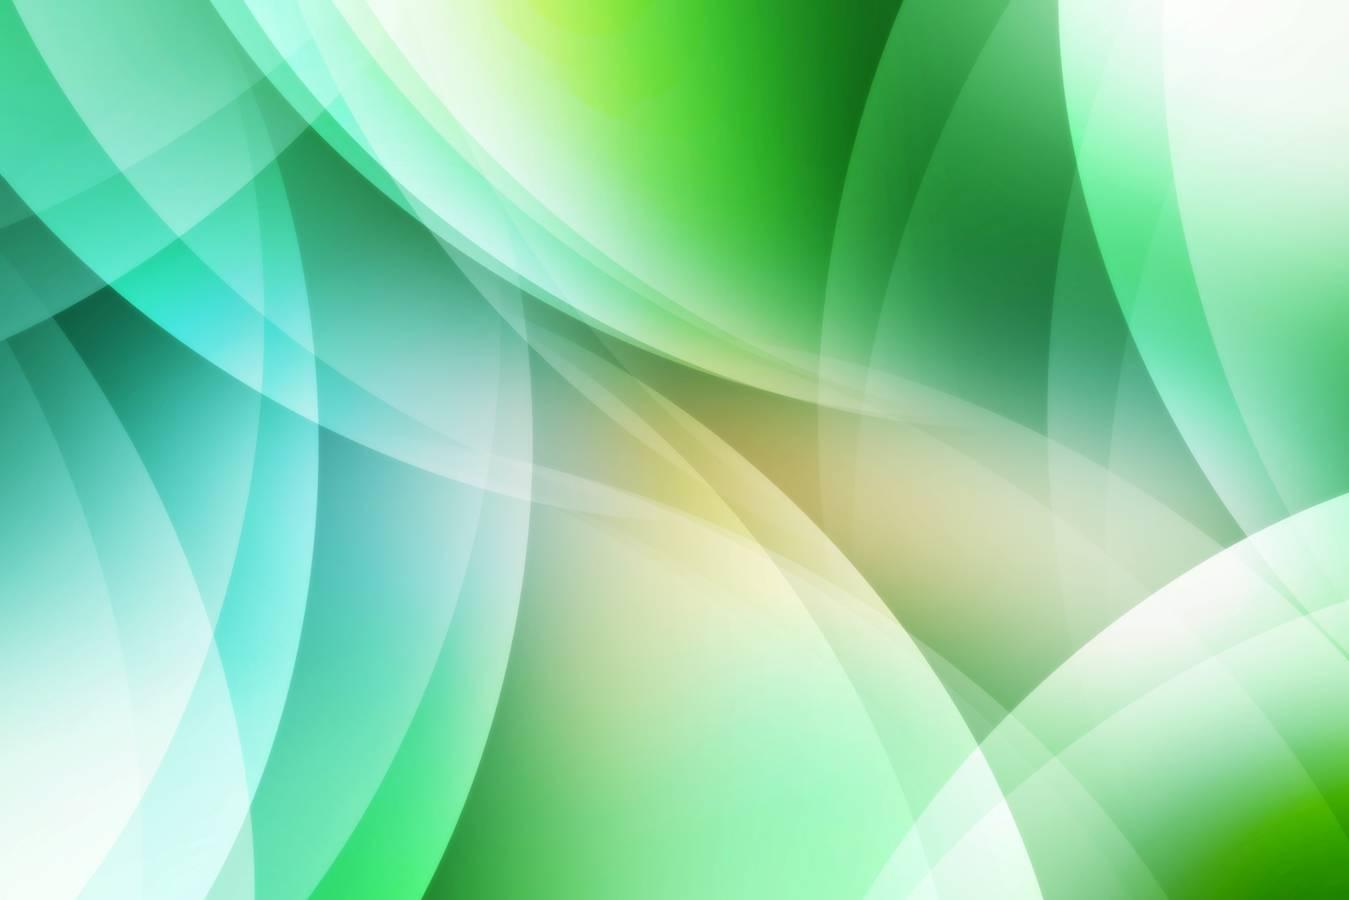 Sfondo astratto lucevita for Sfondi per desktop colorati